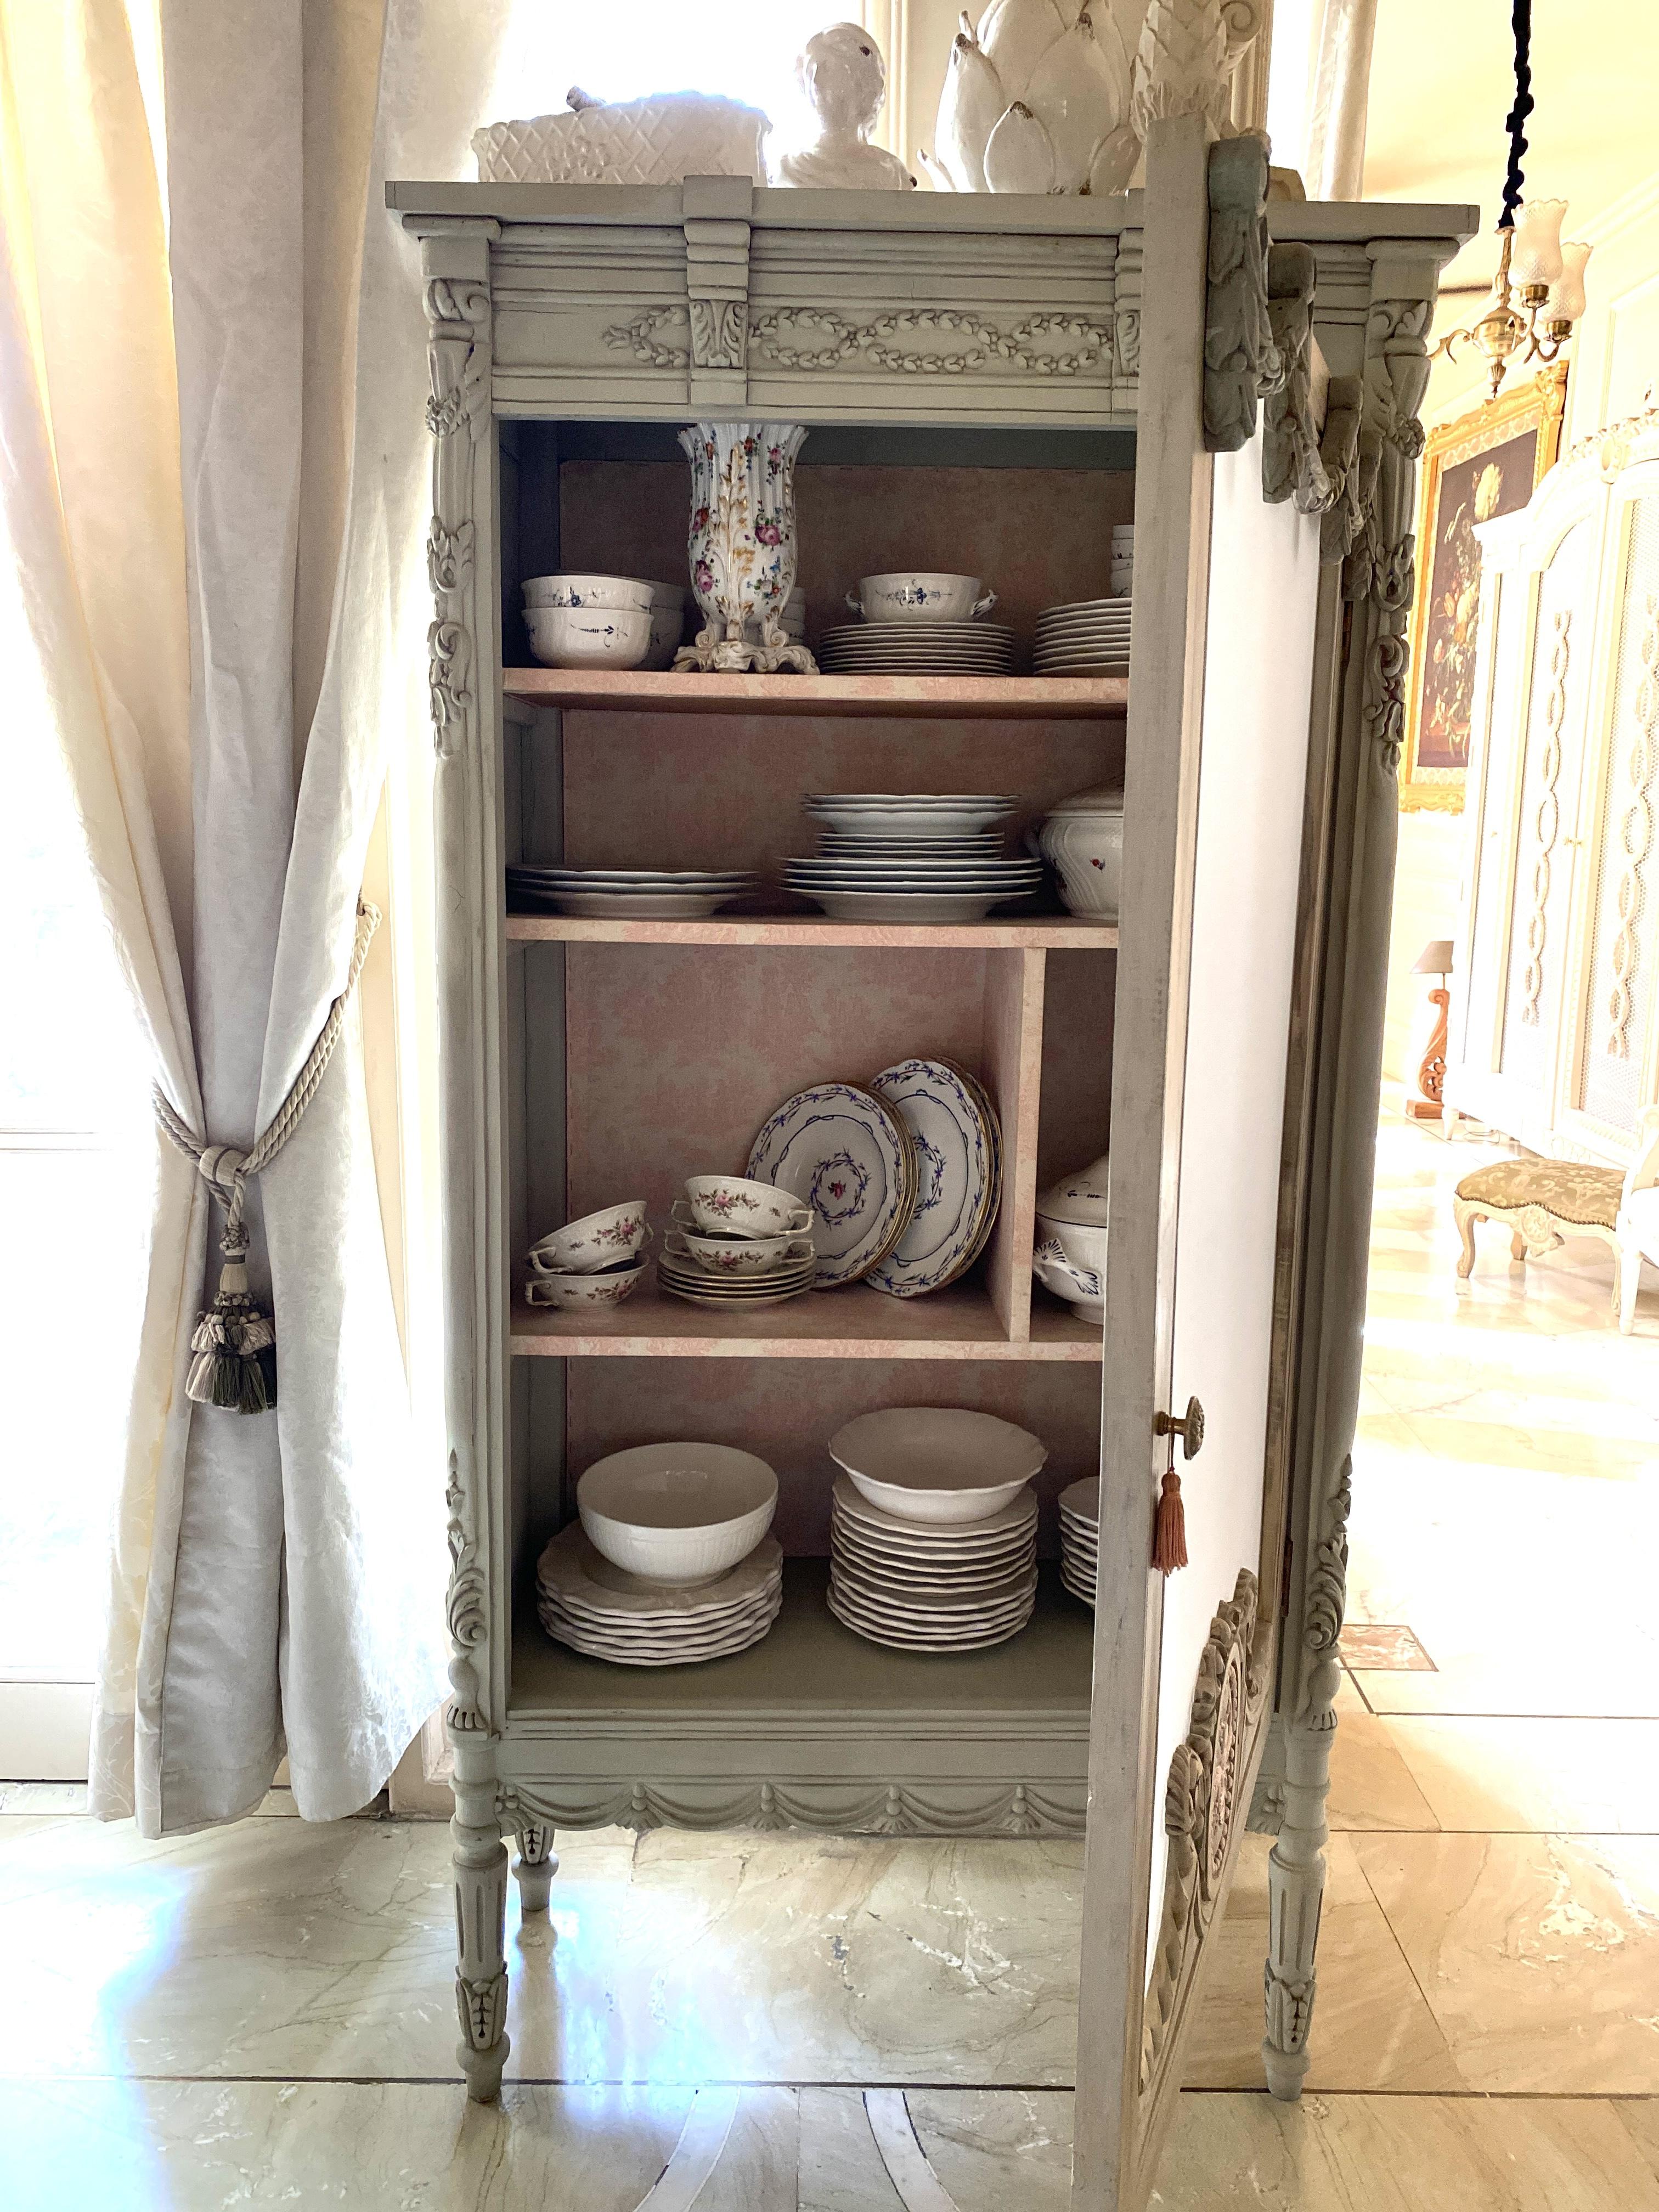 Porcelain History Limoges Sevres Decorative Arts Villeroy & Boch Bernardaud Meissen Herend